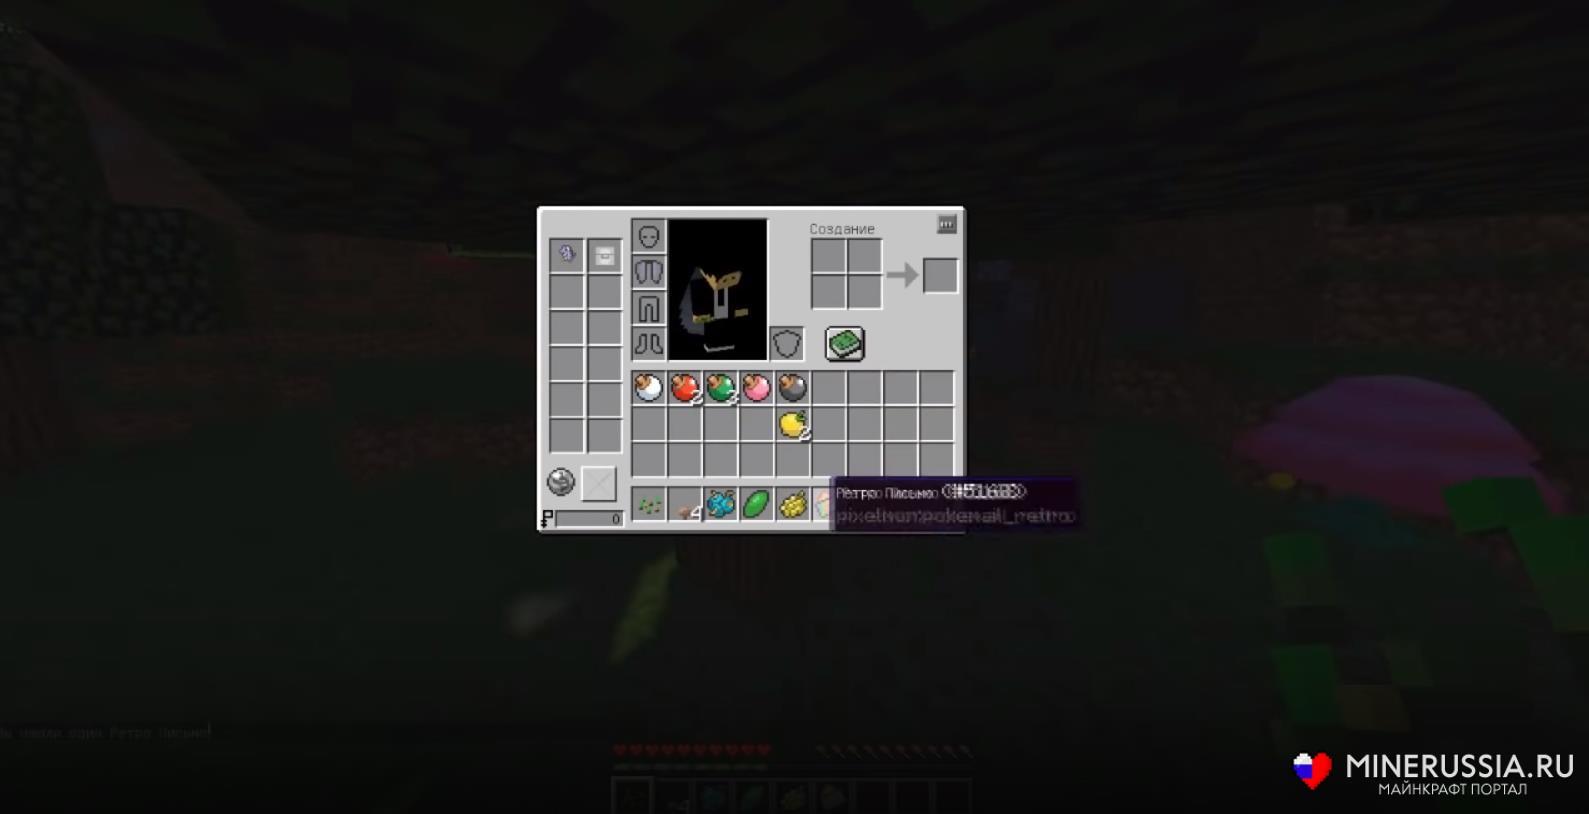 Мод на покемонов «Pixelmon»1.12.2/1.7.10 - скриншот 7